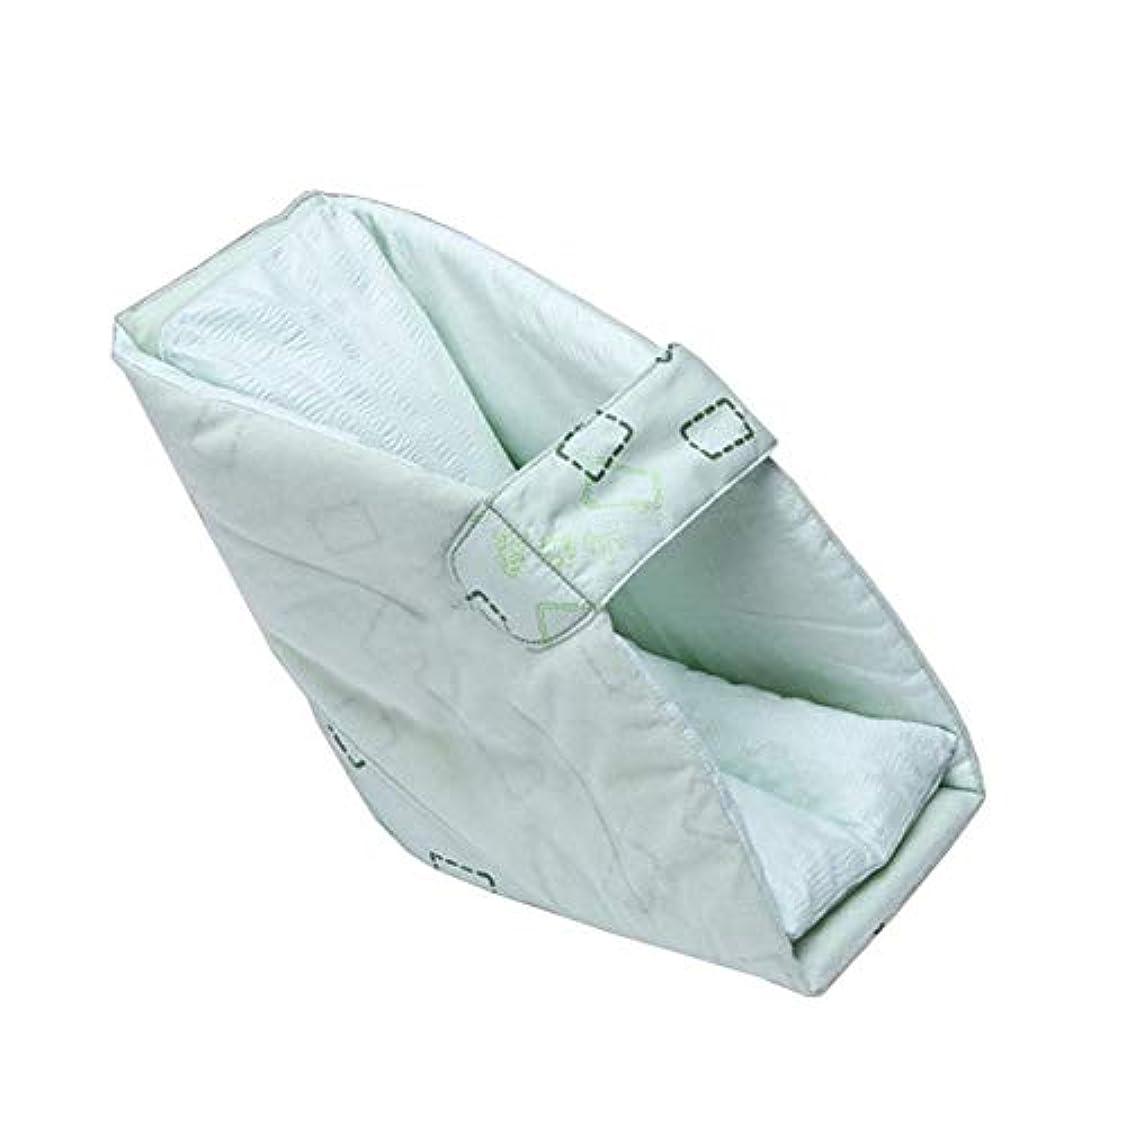 はちみつチャップ閃光足首フットカバー、ヒールフットドロップ保護パッド、車椅子の耐摩耗性フットカバーベッド患者ケア製品